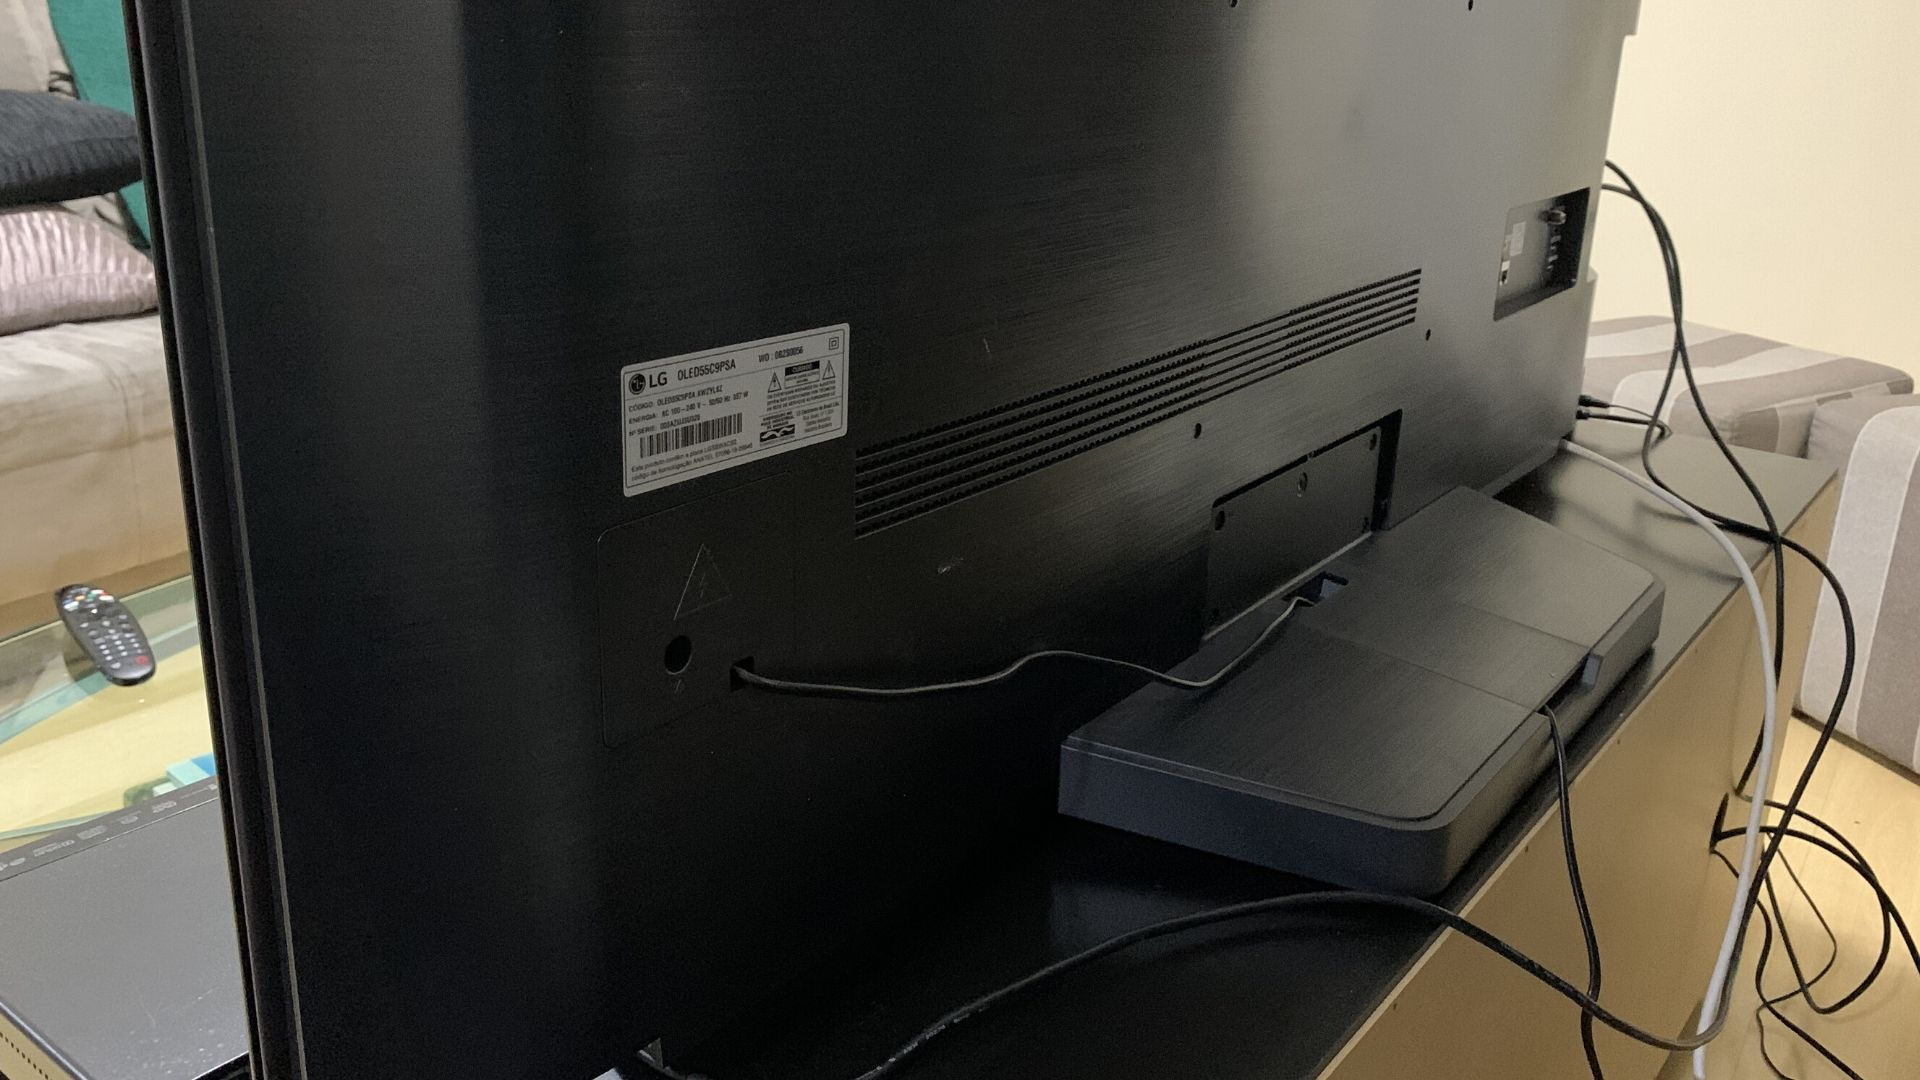 LG C9 vem com suporte na parte de trás do display para esconder os fios soltos. (Imagem: Yulli Dias/Zoom)